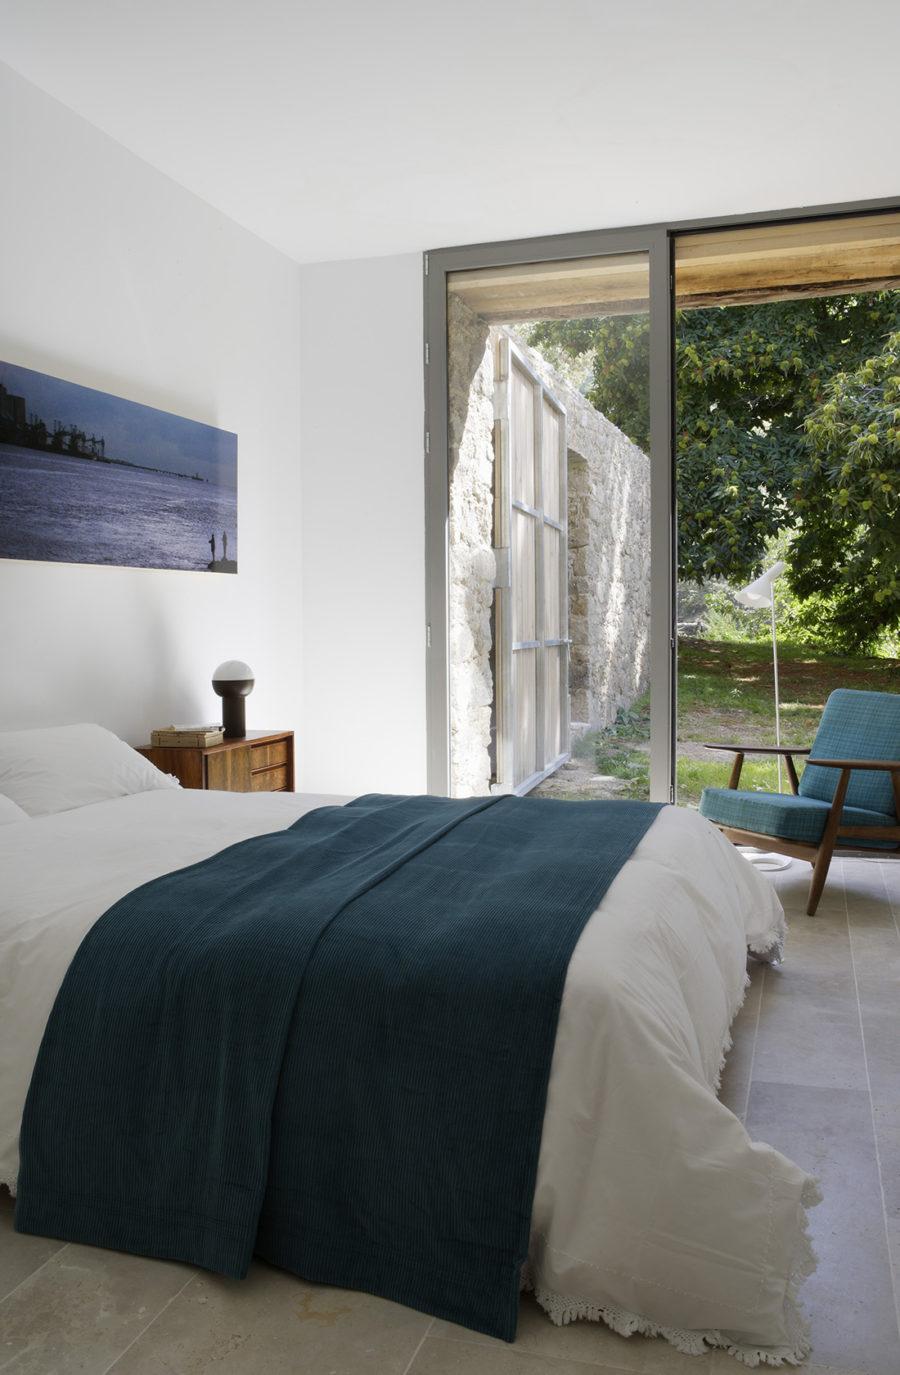 Vista general de la habitación con luz natural de la casa de campo reformada